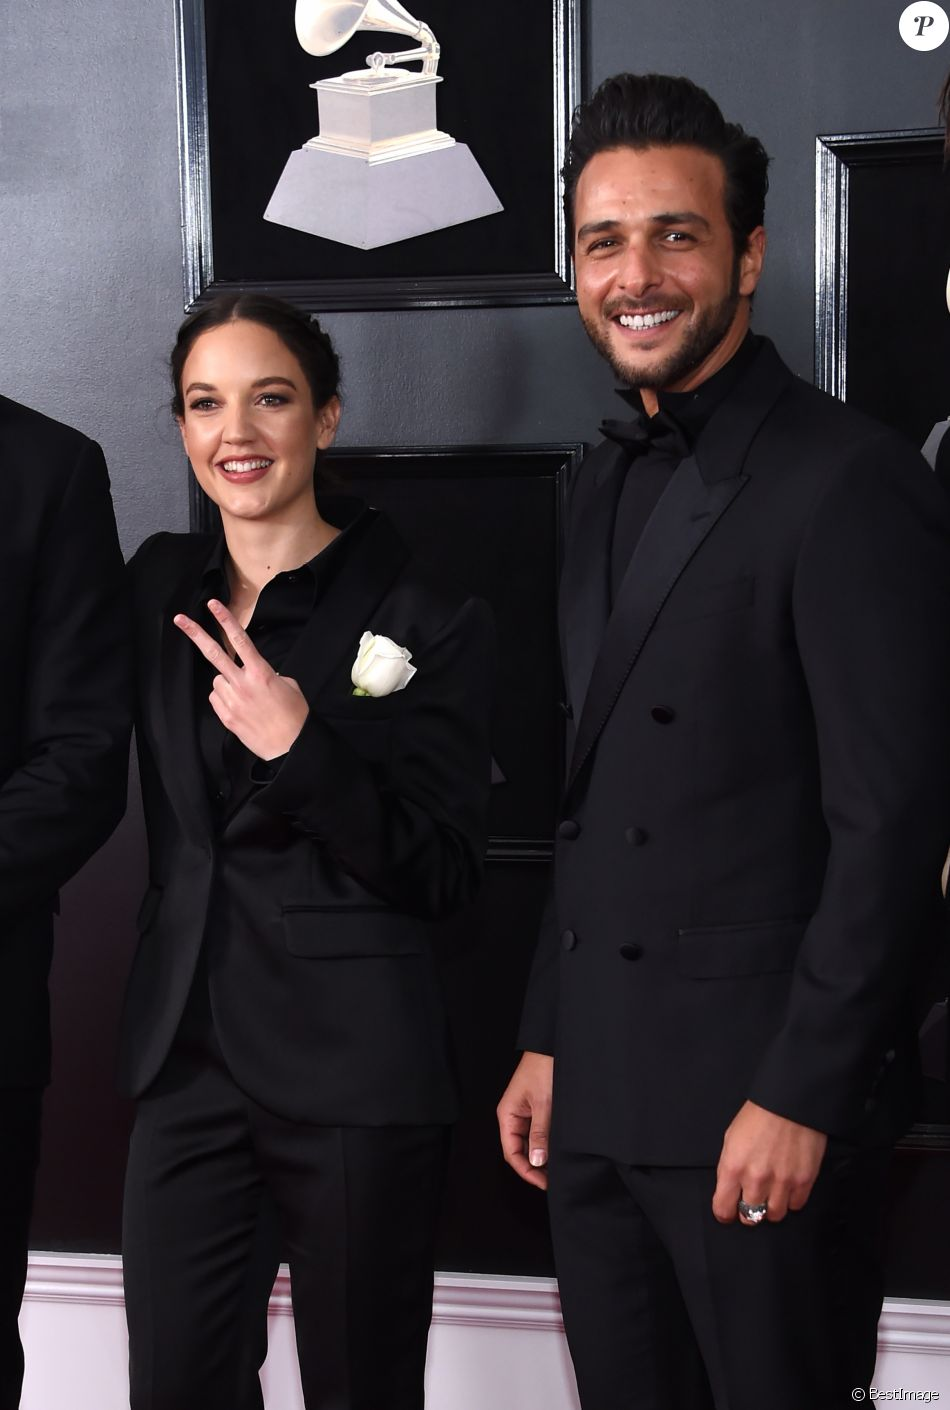 Exclusif - Jain et son producteur Maxim Nucci (Yodelice) à la 60ème soirée annuelle des Grammy Awards à Madison Square Garden à New York, le 28 janvier 2018 © Chris Delmas/Bestimage